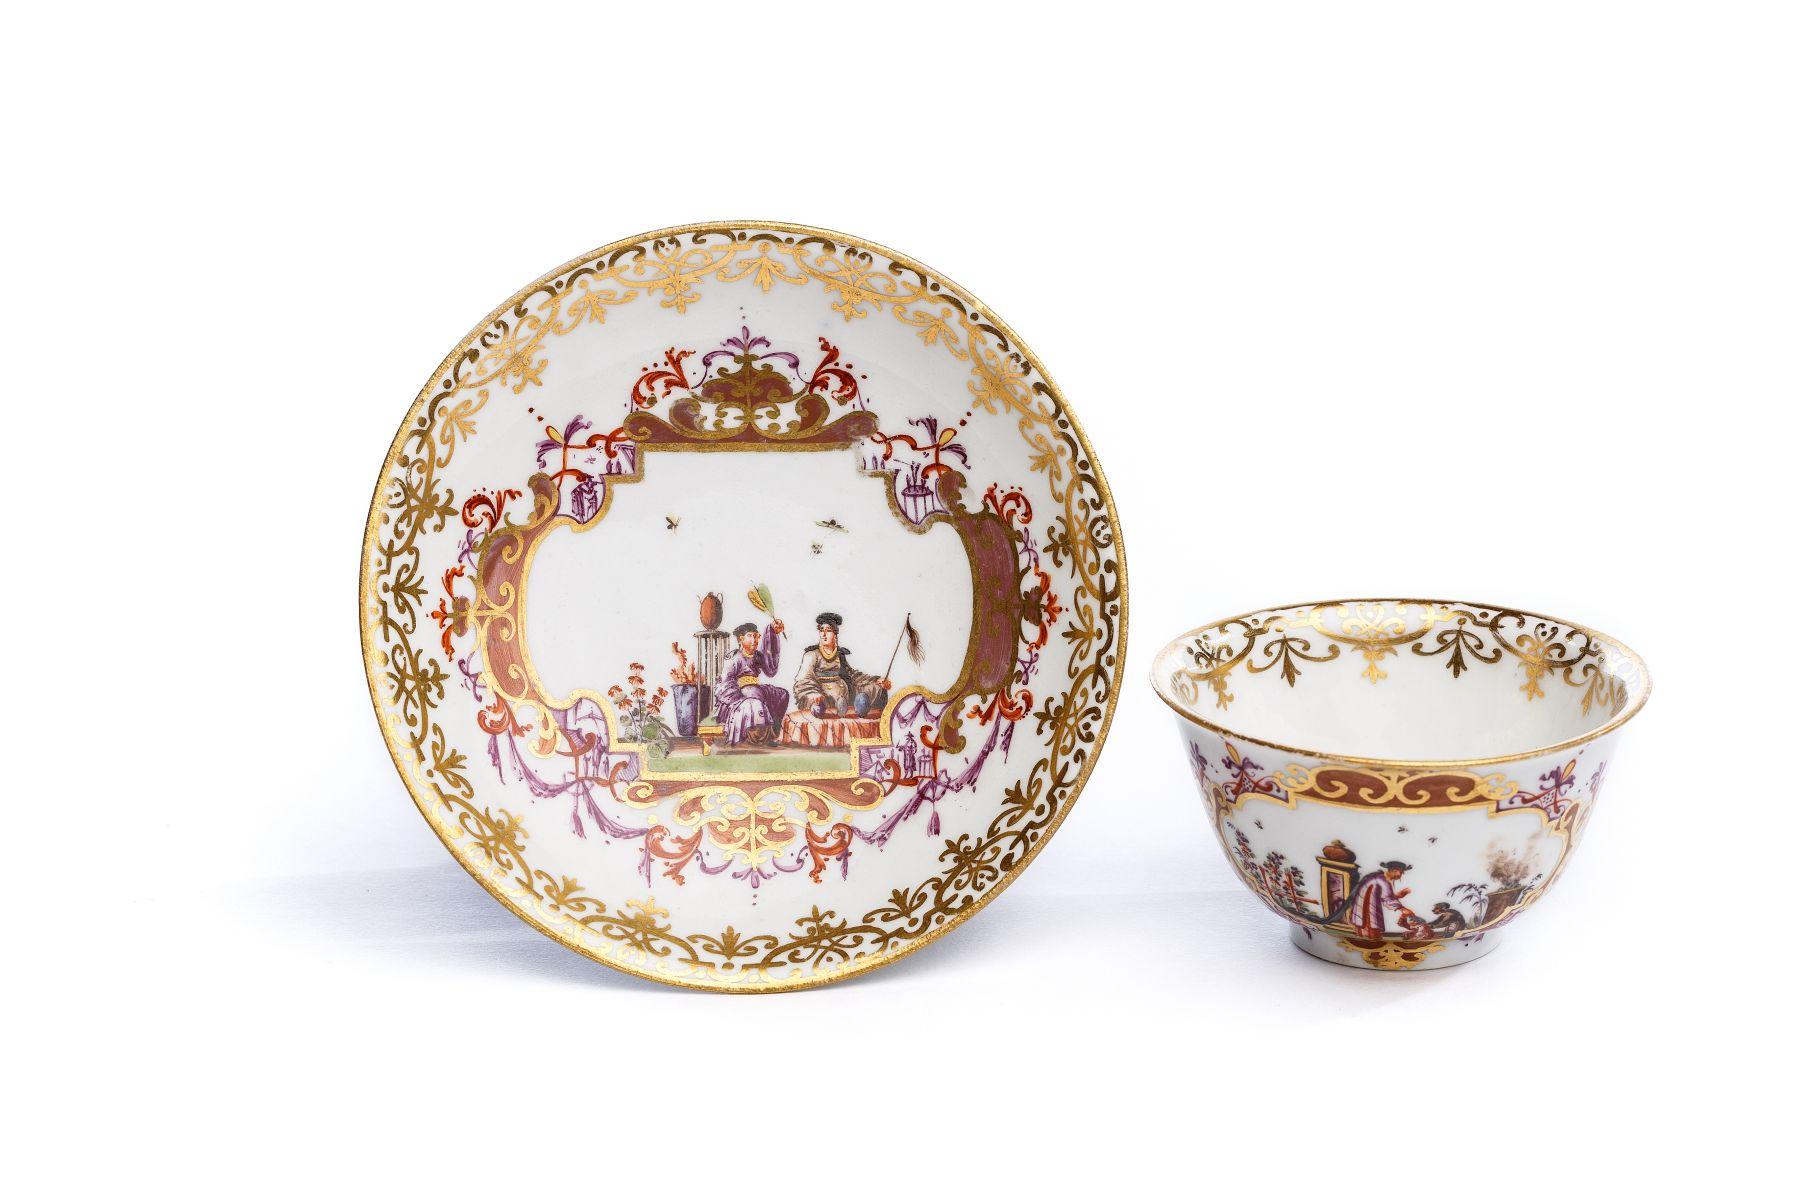 #60 Bowl with saucer, Meissen 1730| Koppchen mit Unterschale, Meissen 1730 Image